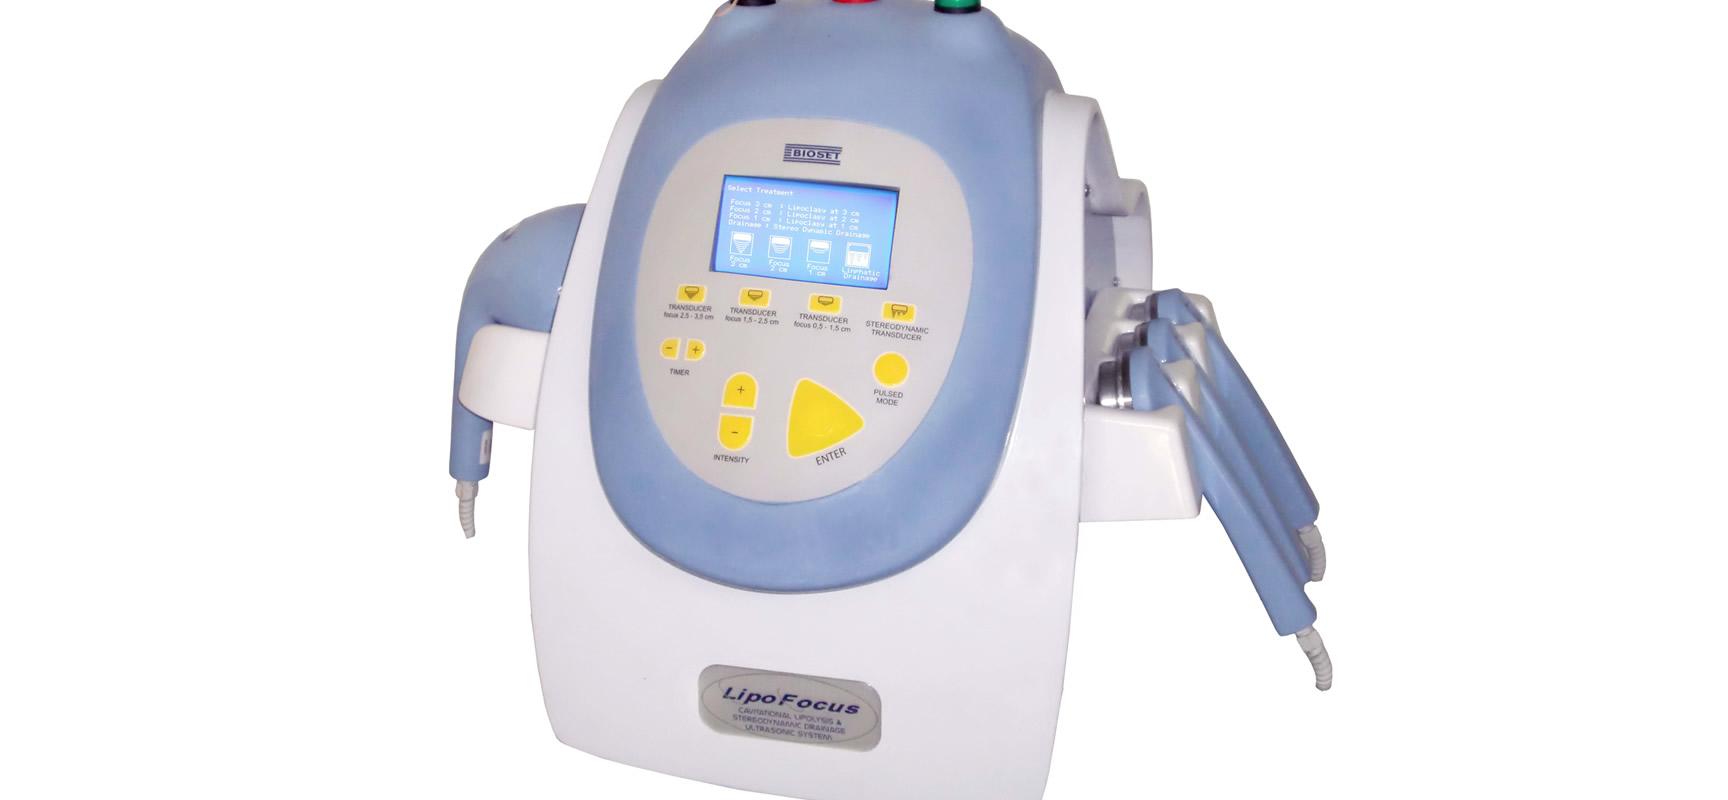 Lipofocus - Ultracavitação e Lipocavitação   Bioset